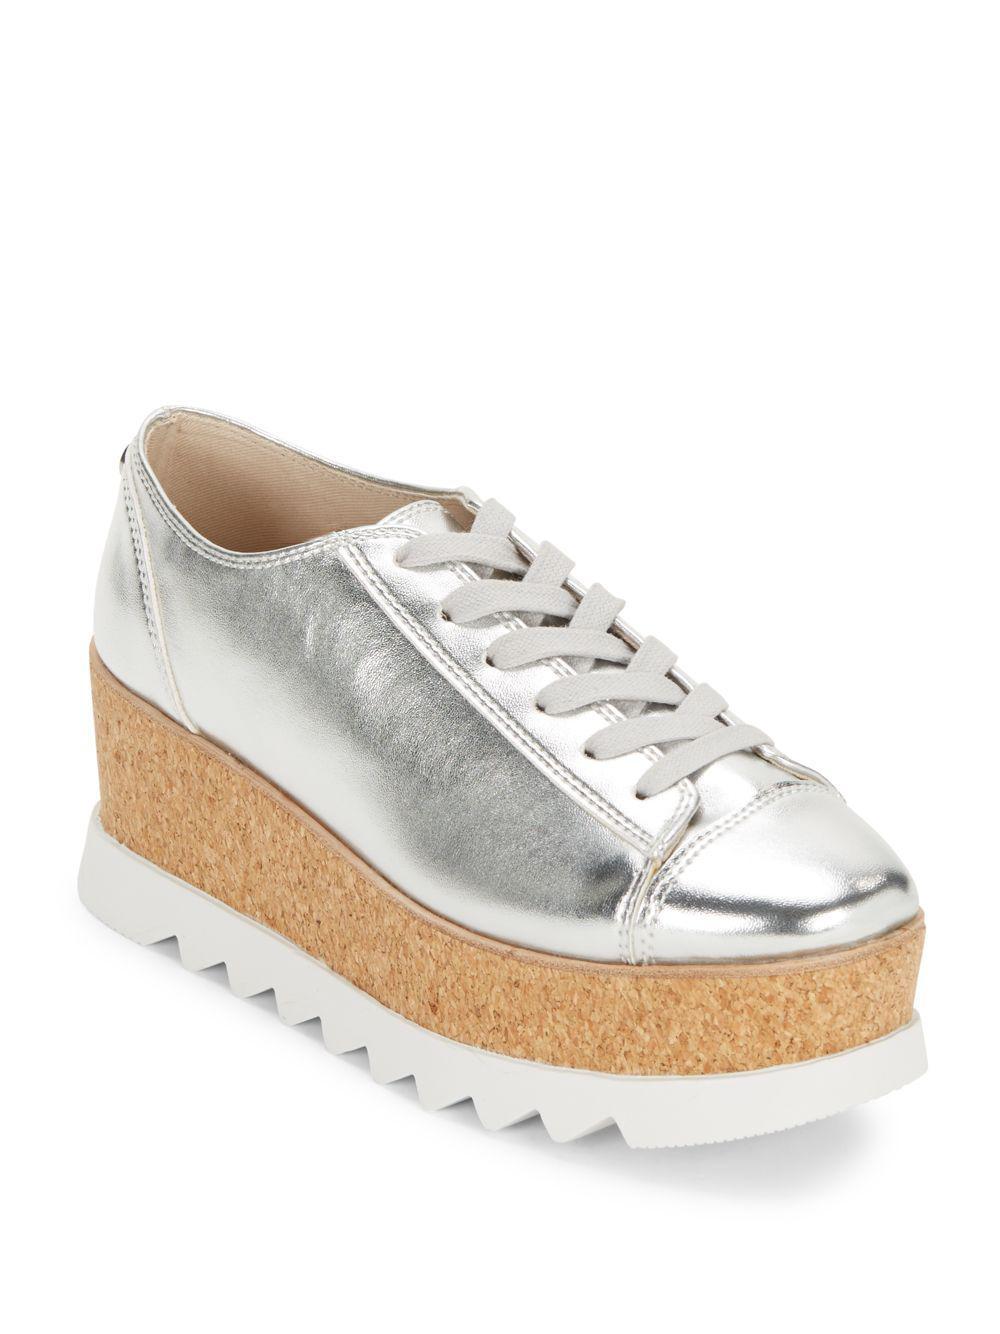 19d2ea29b82 Lyst - Steve Madden Kelani Metallic Lace-up Sneakers in Metallic